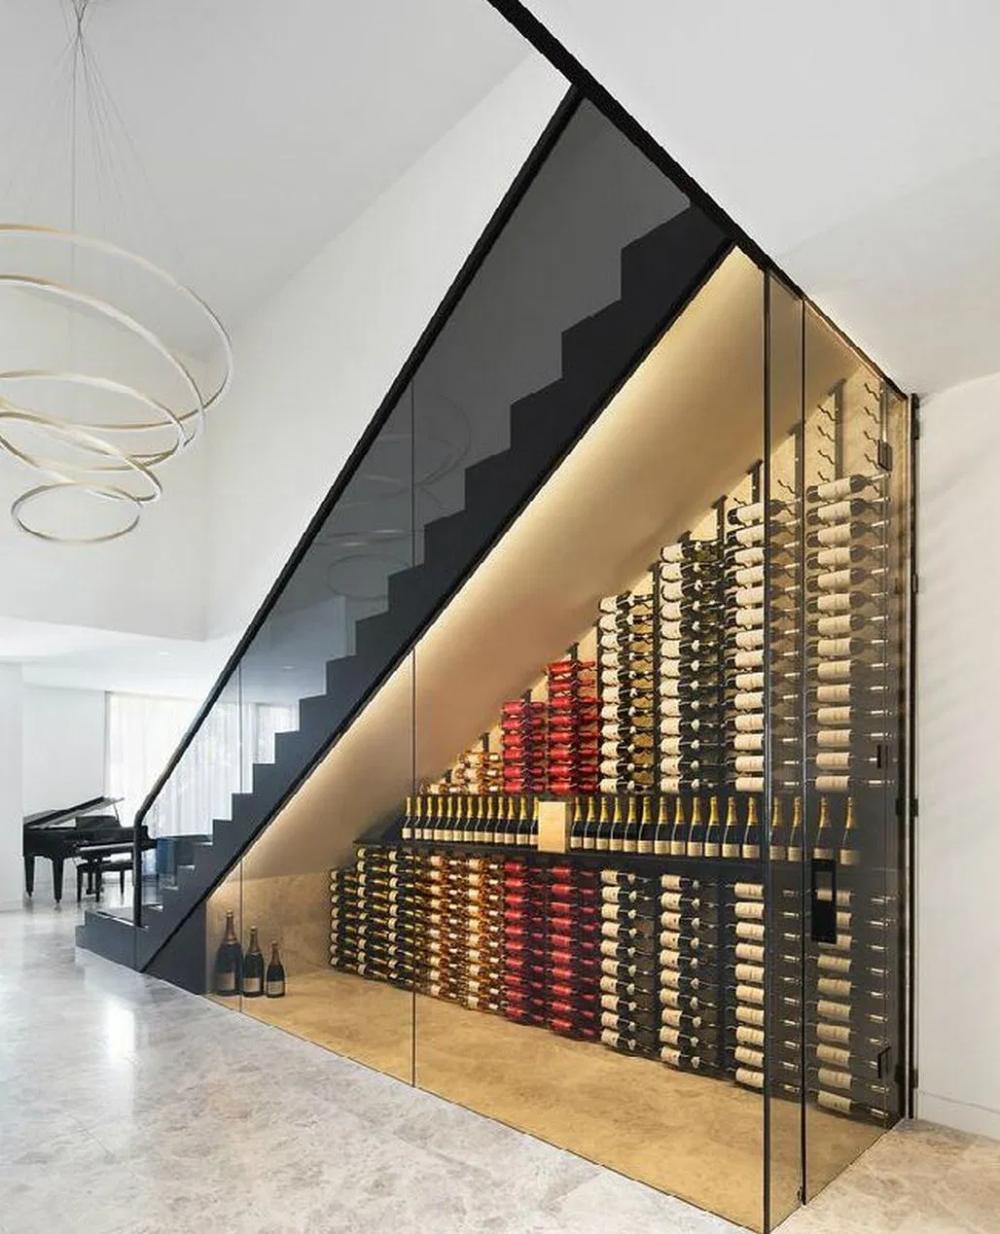 Top 70 Best Under Stairs Ideas: 30+ Popular Wine Cellar Ideas Under The Stairs 2020 22